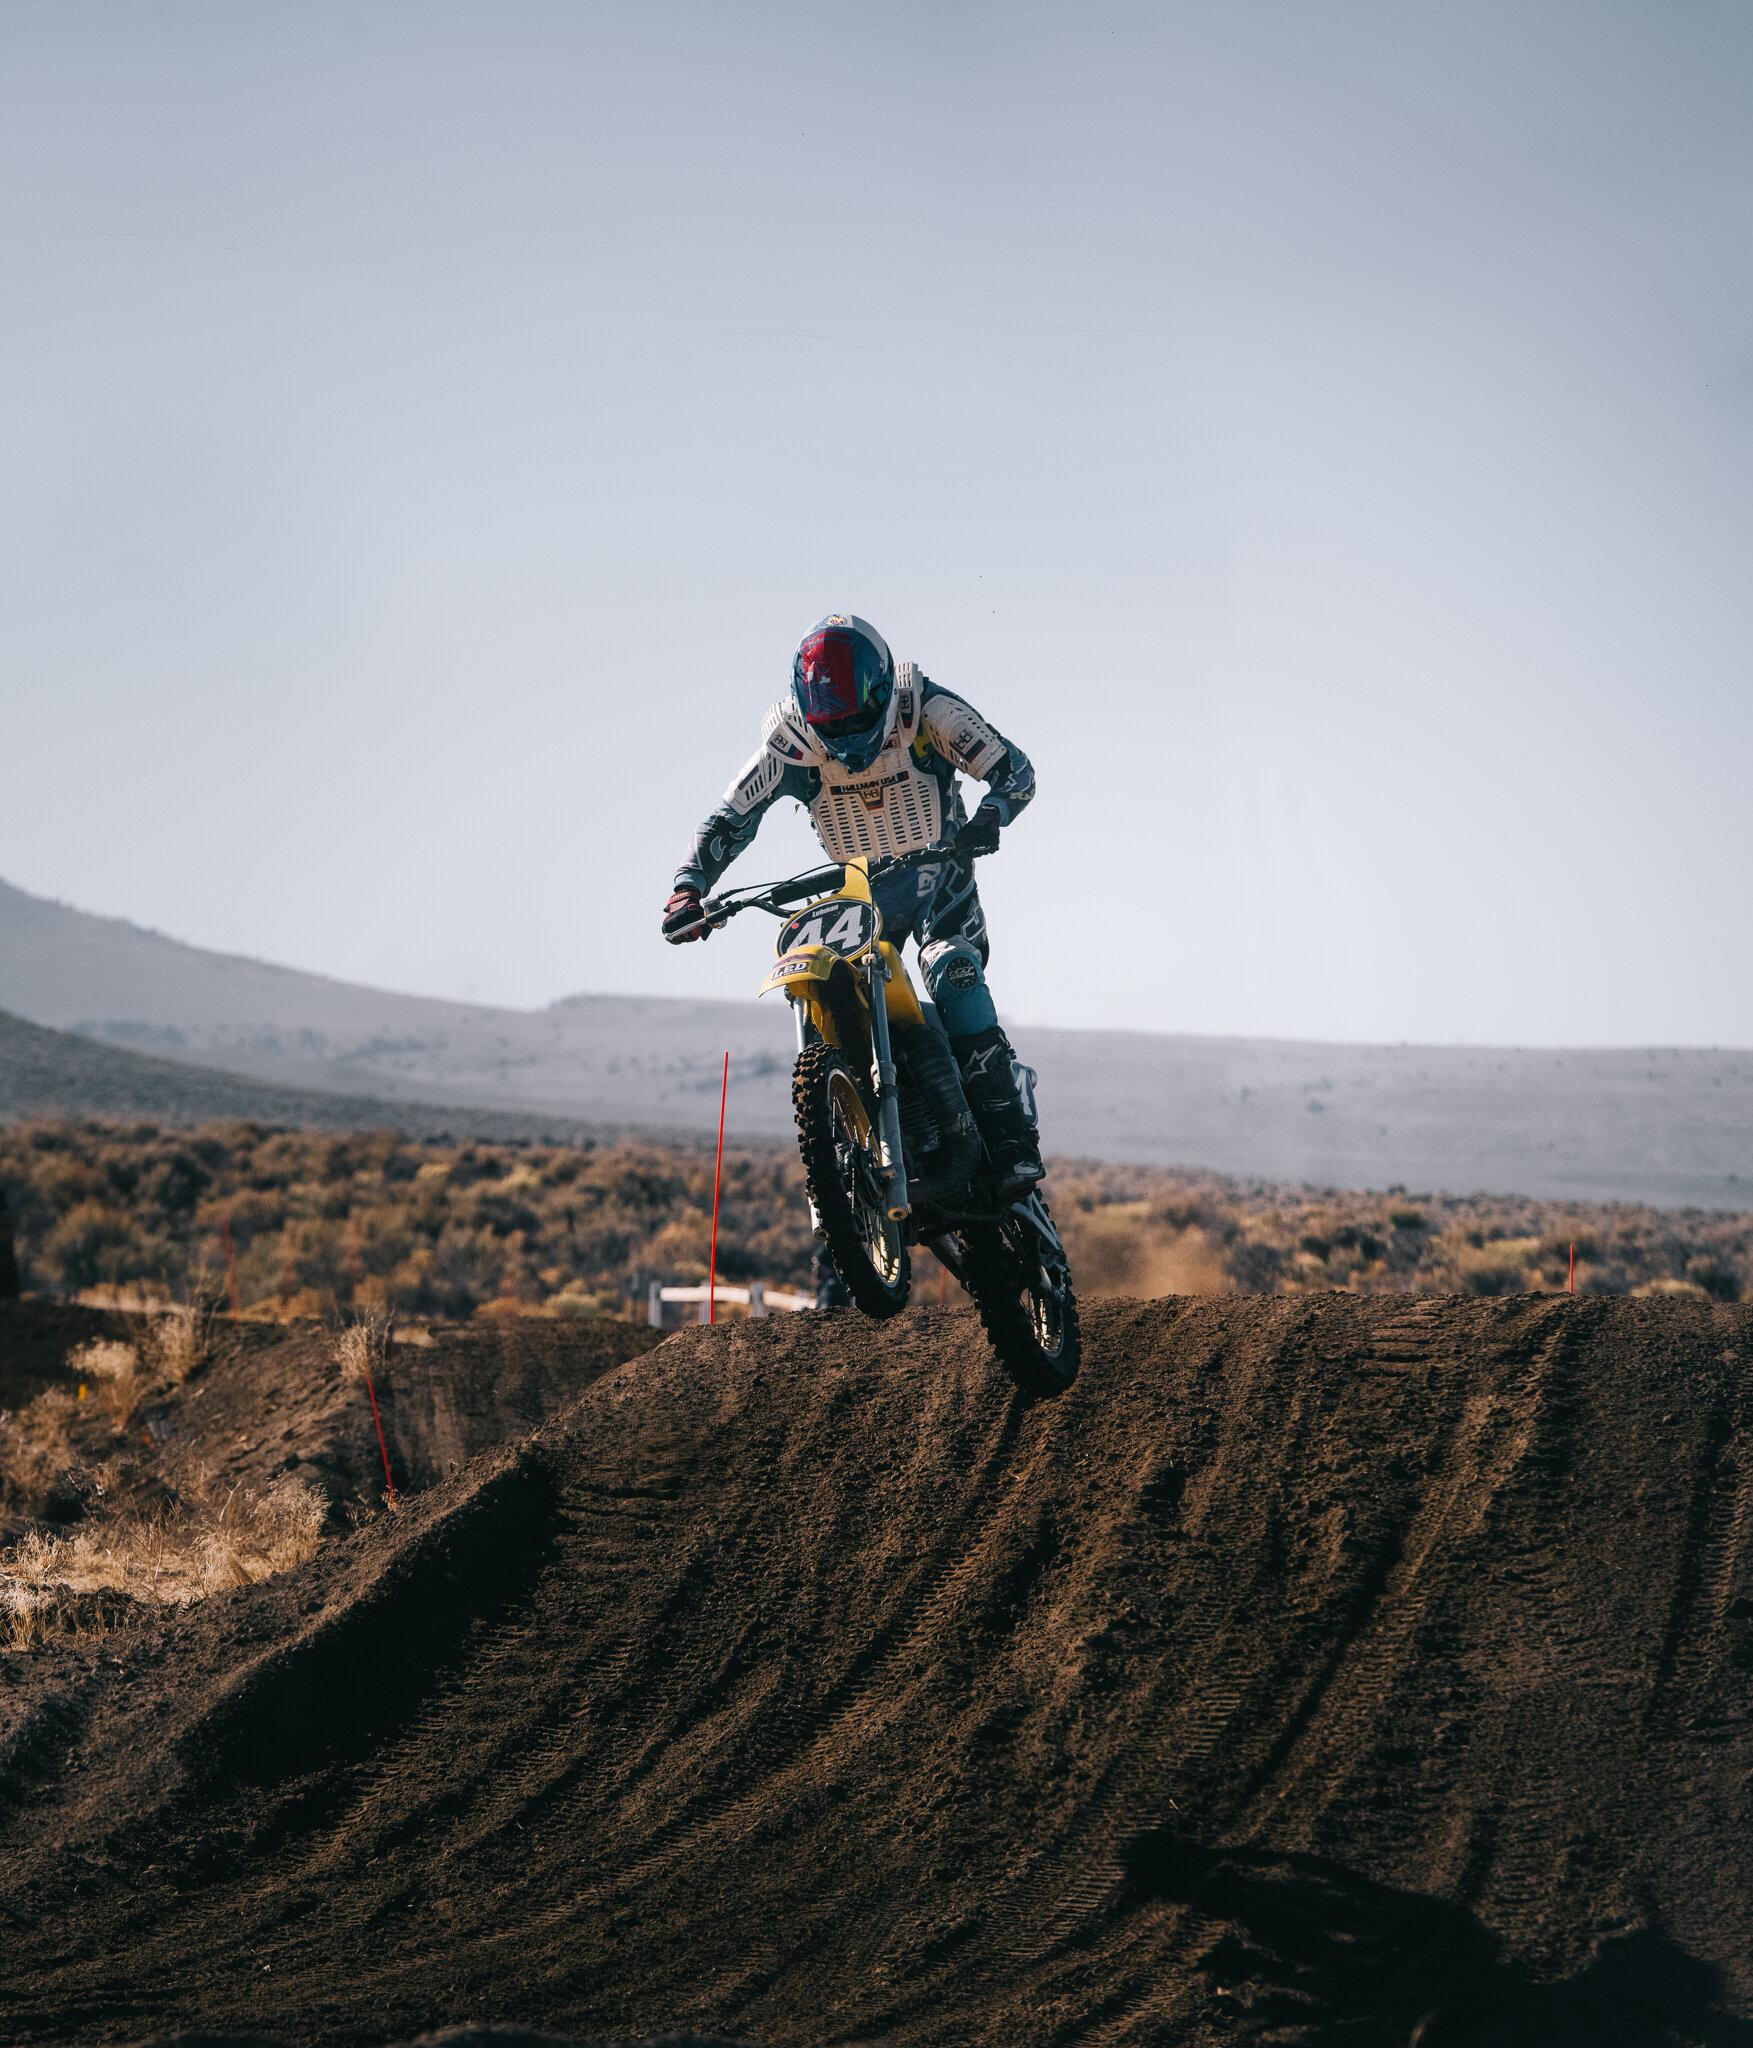 jmtompkins_silodrome_the_desert_race_oregon 57.jpg